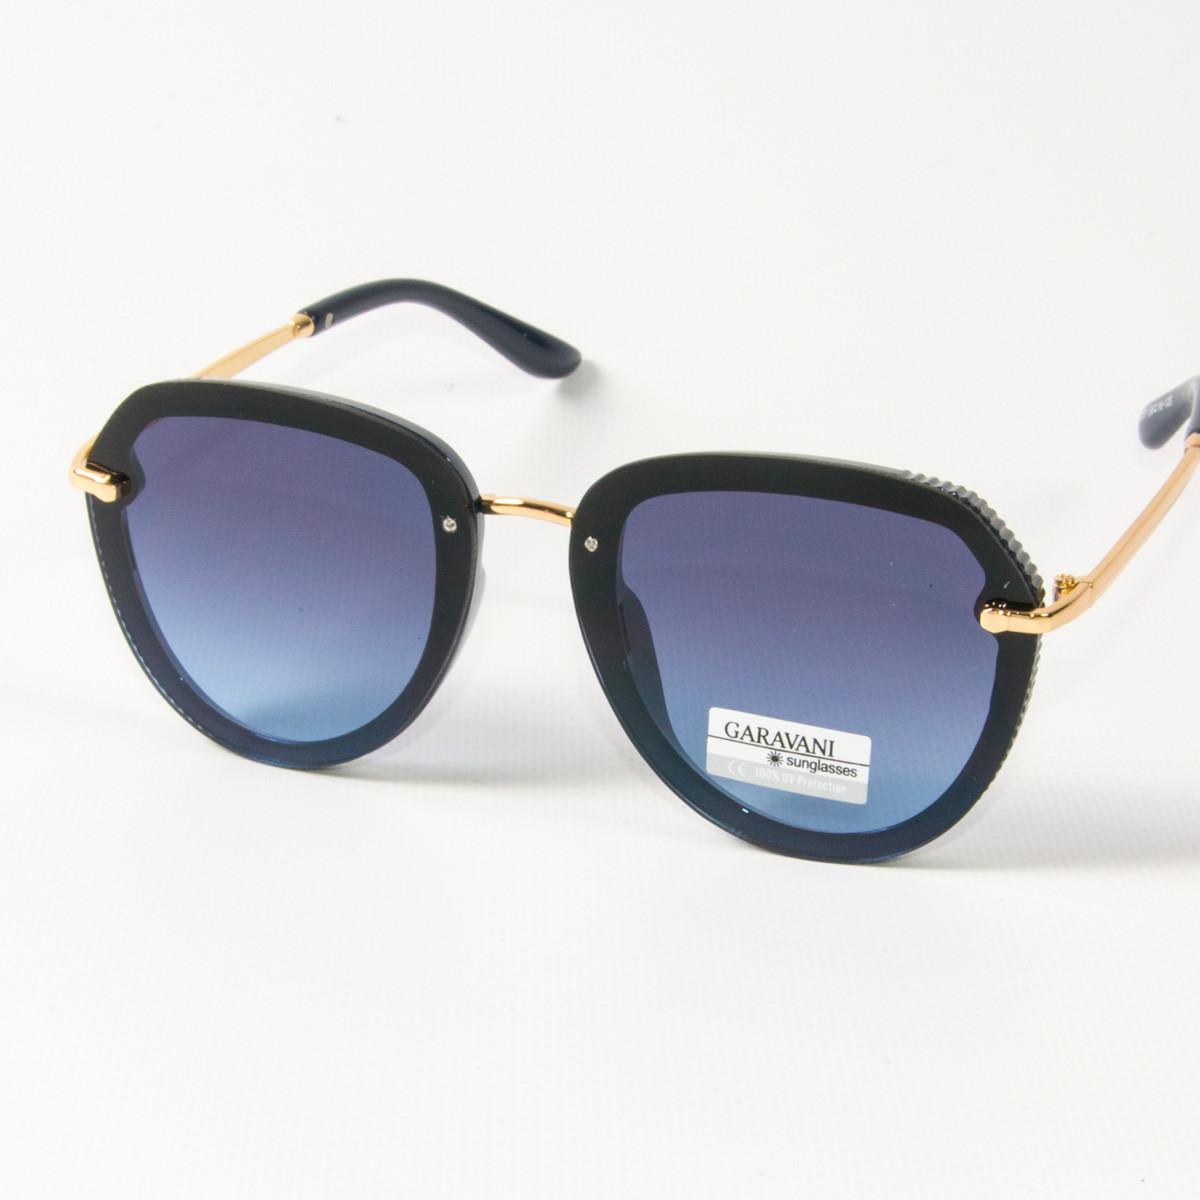 Жіночі сонцезахисні окуляри Оптом авіатор (арт. 33707/4) сині